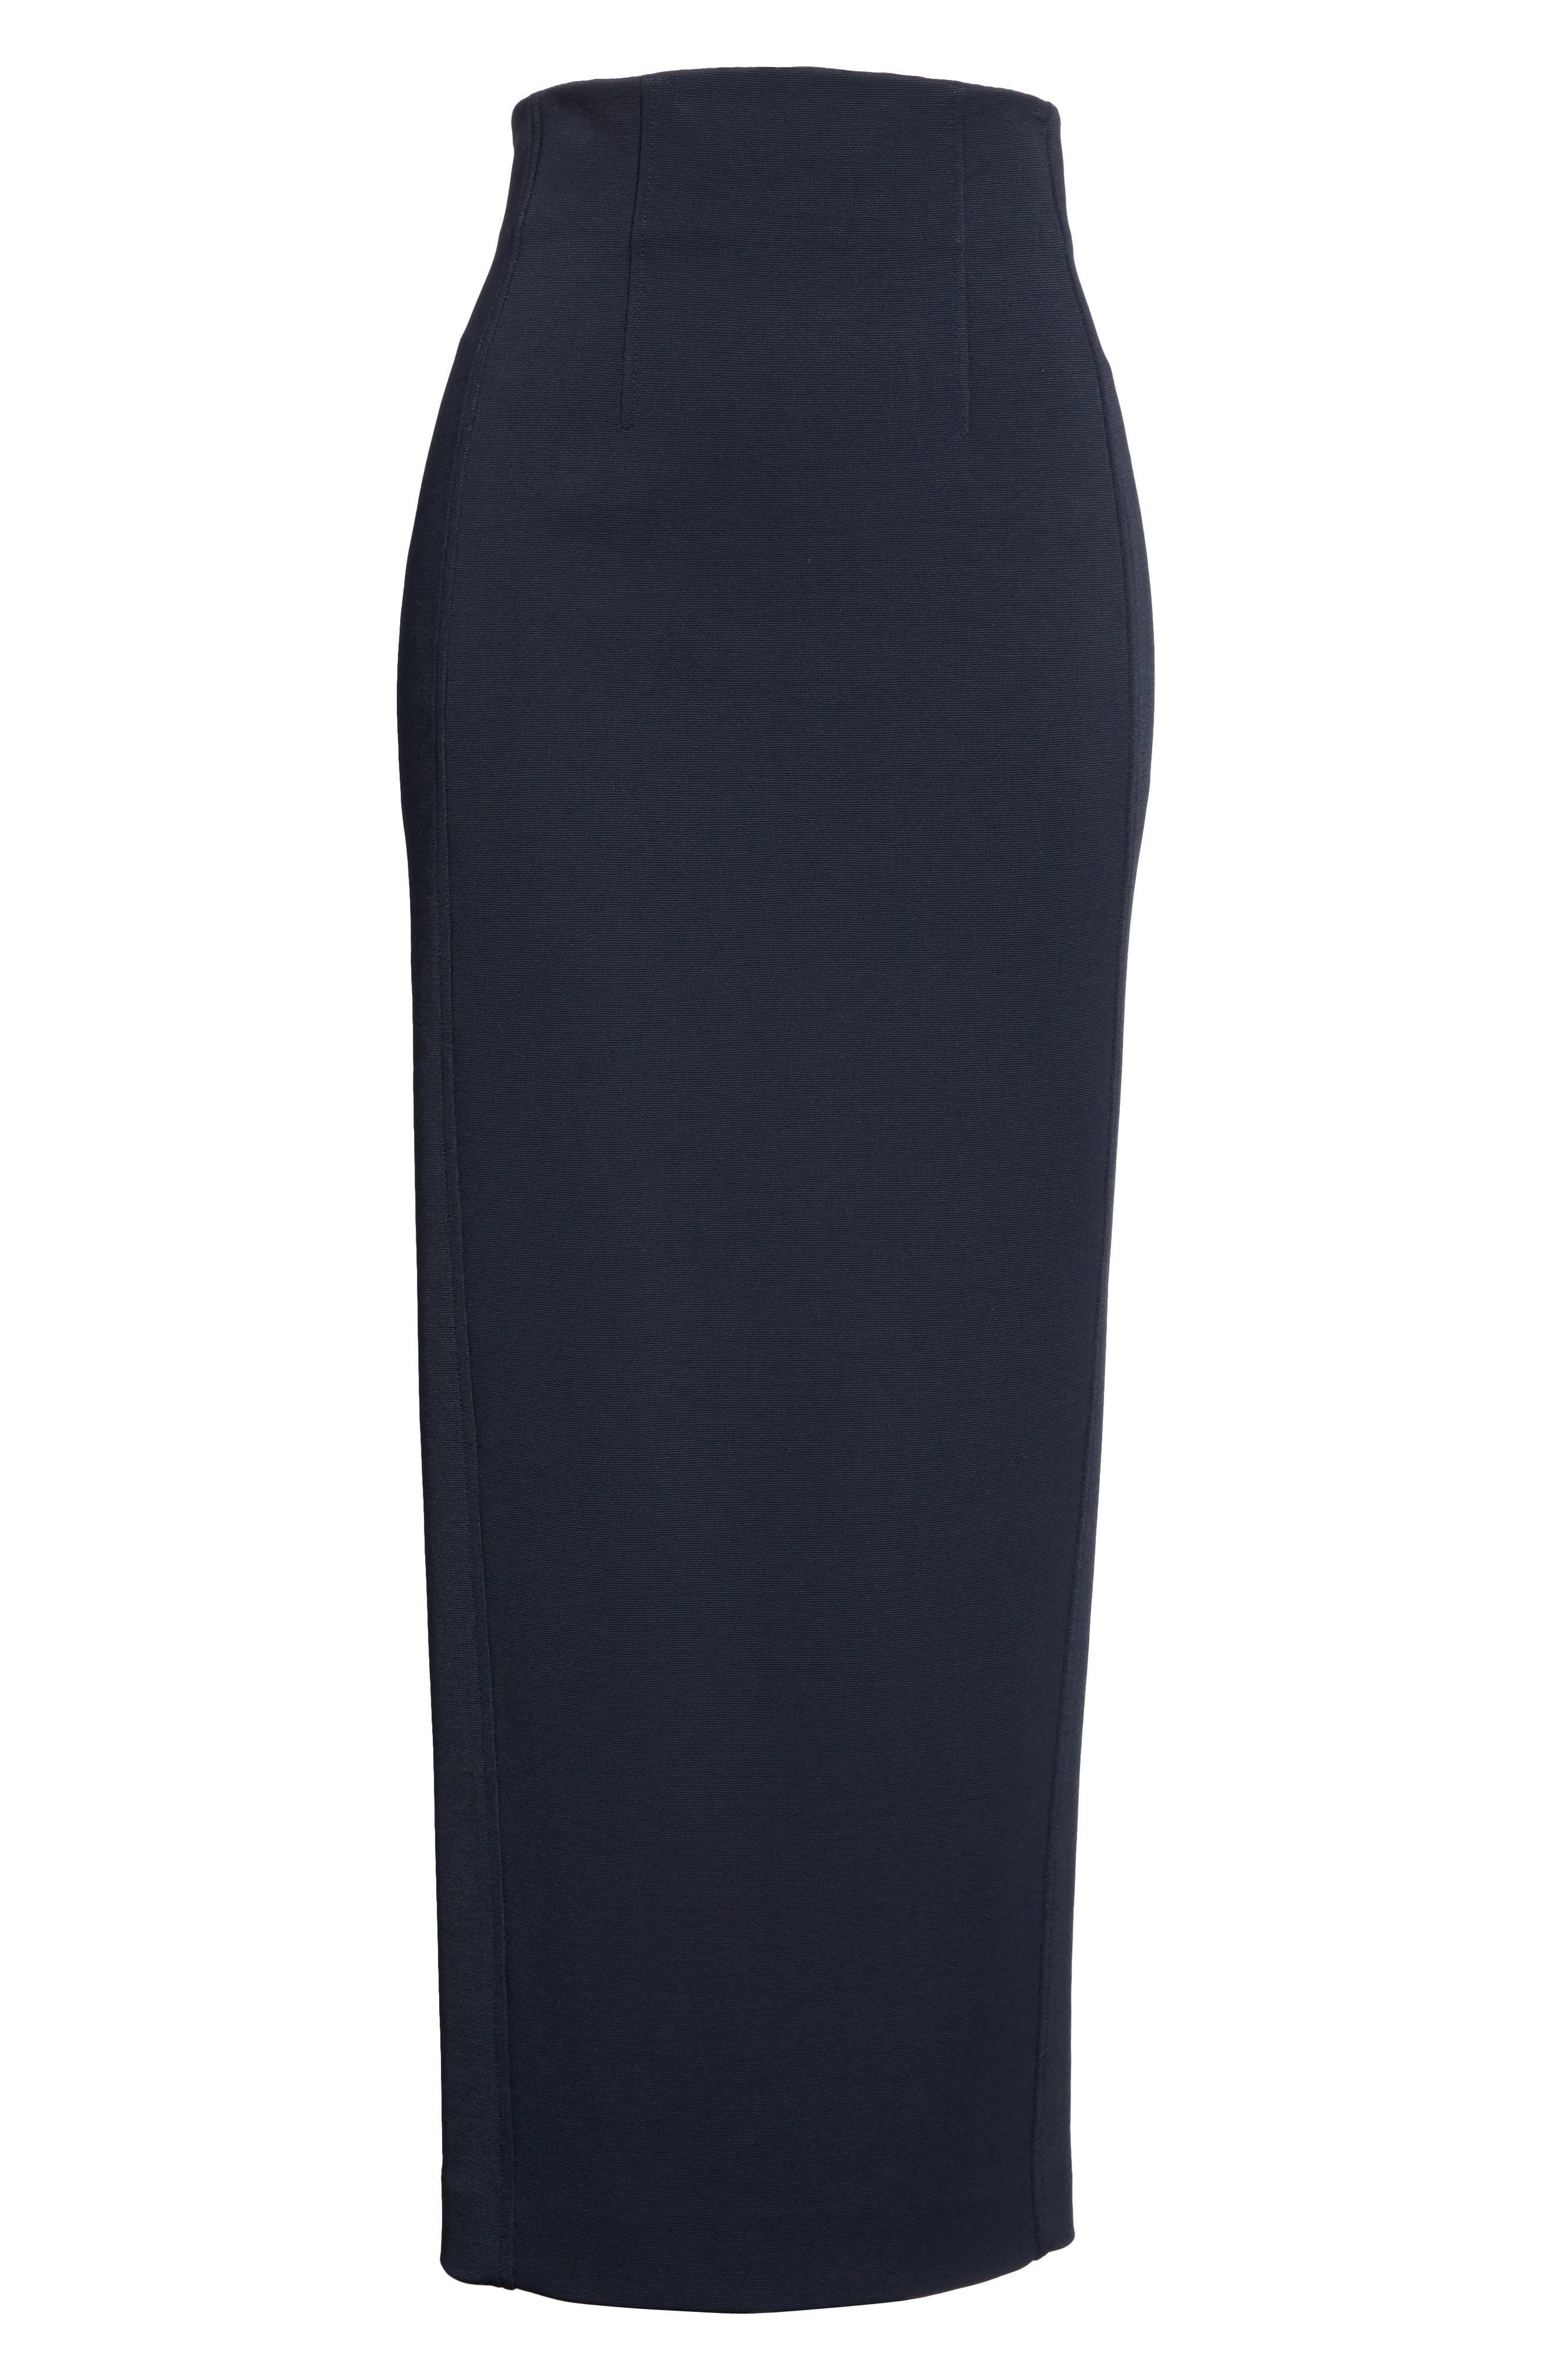 Diane von Furstenberg Fitted Midi Skirt,                             Alternate thumbnail 6, color,